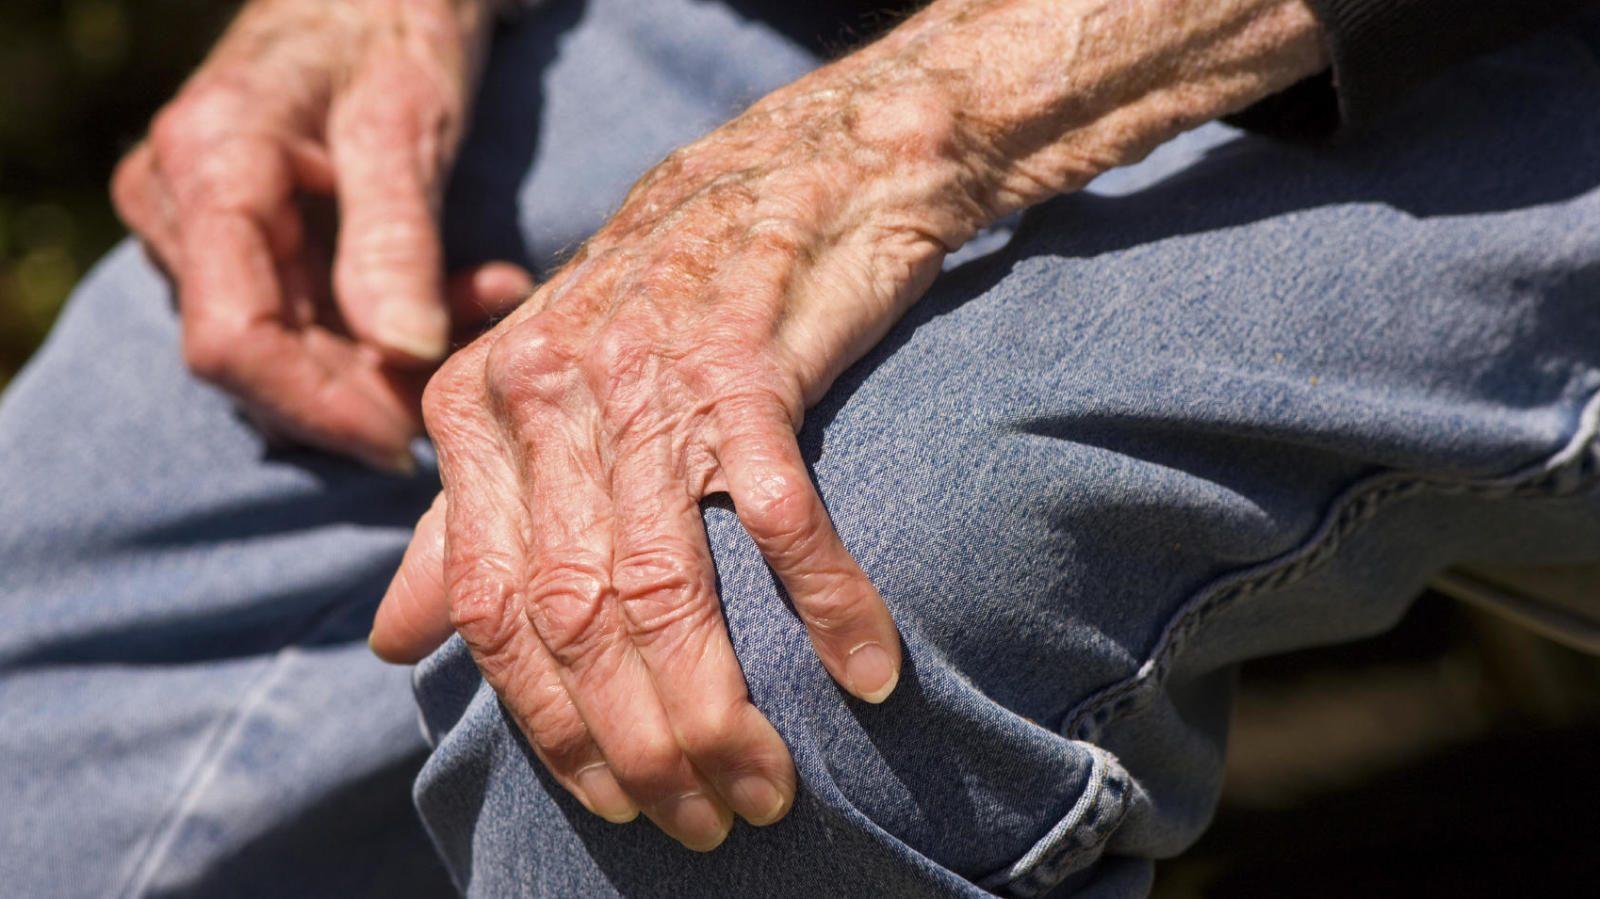 Artrosis en las rodillas